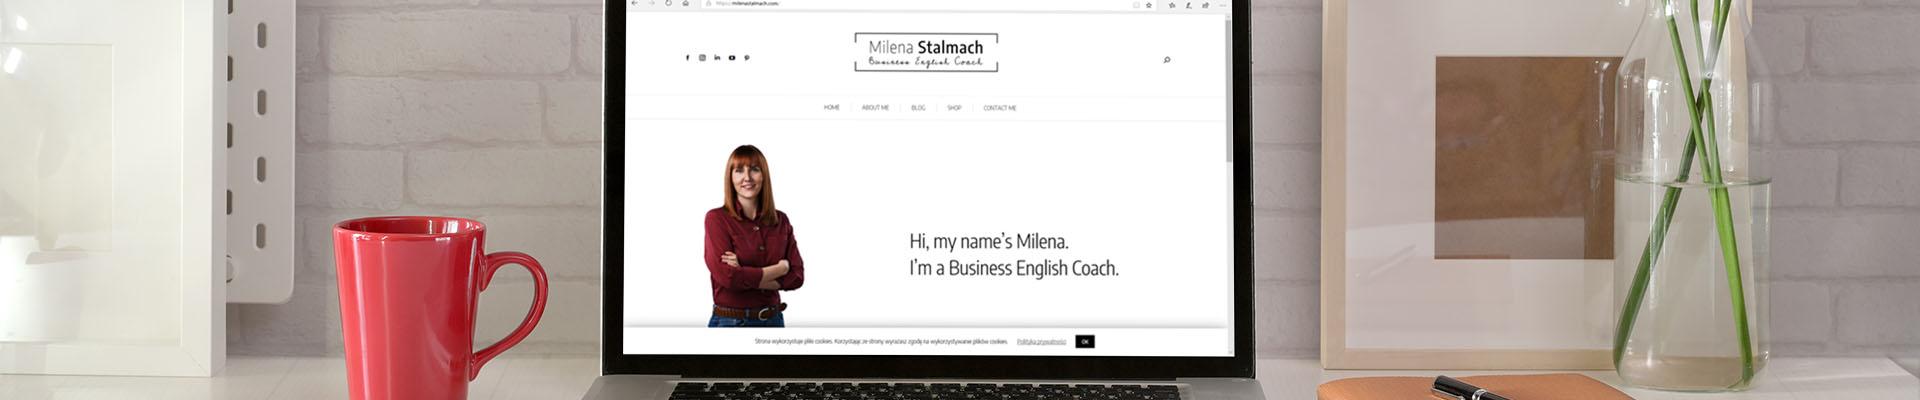 milenastalmach.com